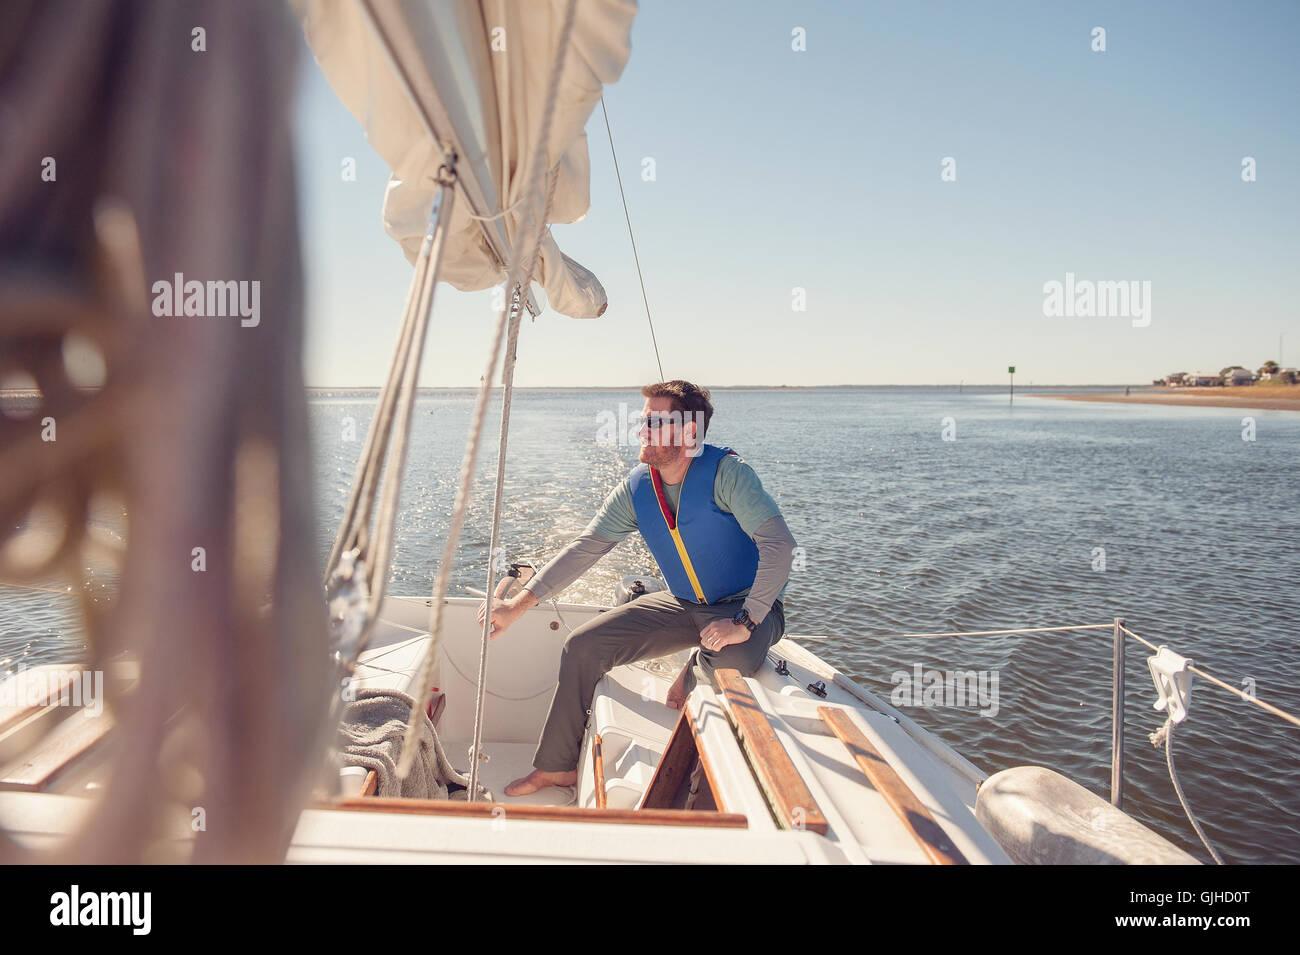 El hombre vela velero, Florida, Estados Unidos, EE.UU. Imagen De Stock